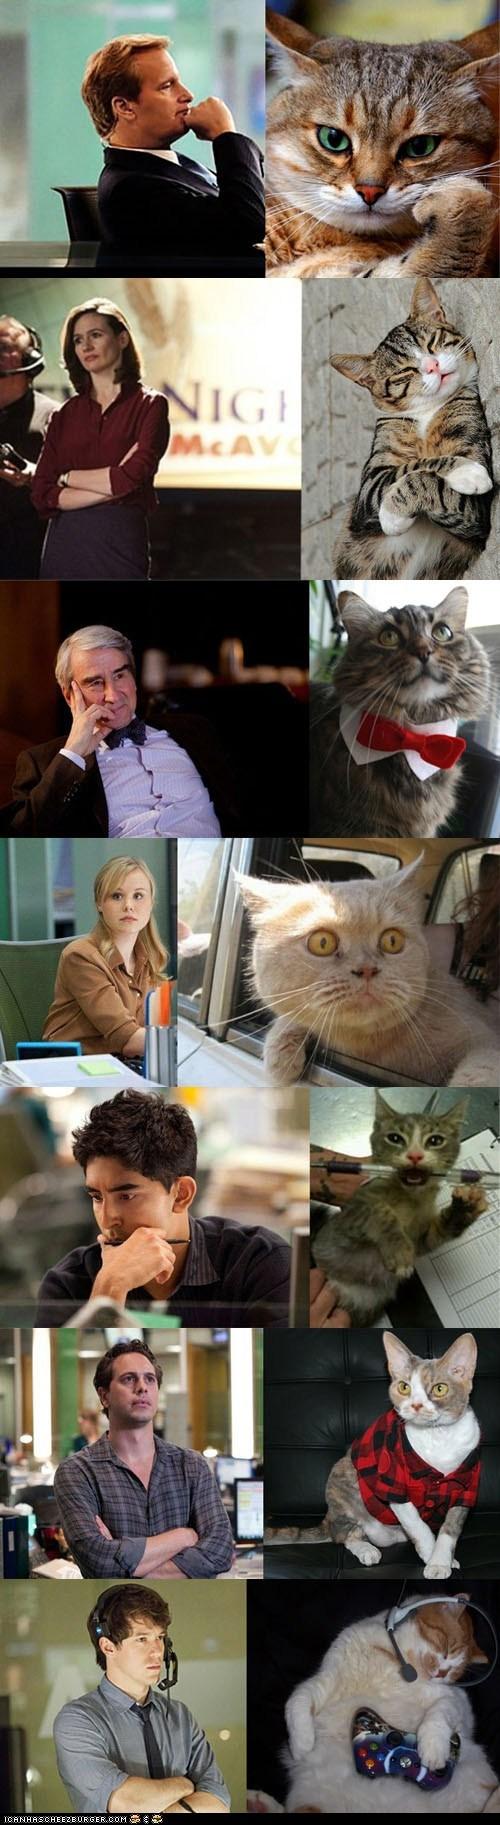 aaron sorkin Cats hbo look alikes newsroom the newsroom TV - 6372562944